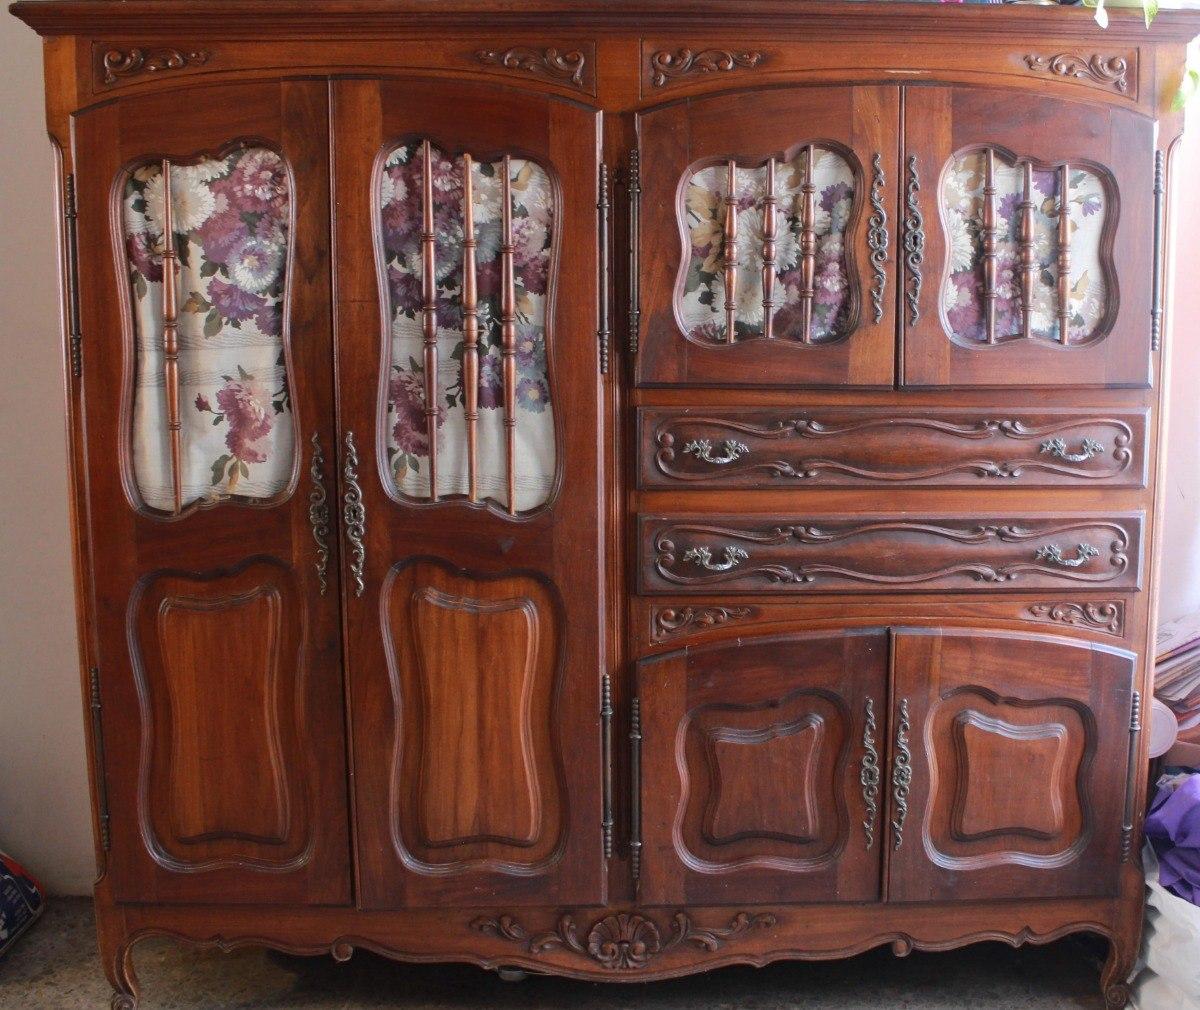 Antiguo Mueble Comedor Modular Vajillero Estilo Provenzal - $ 10.000 ...